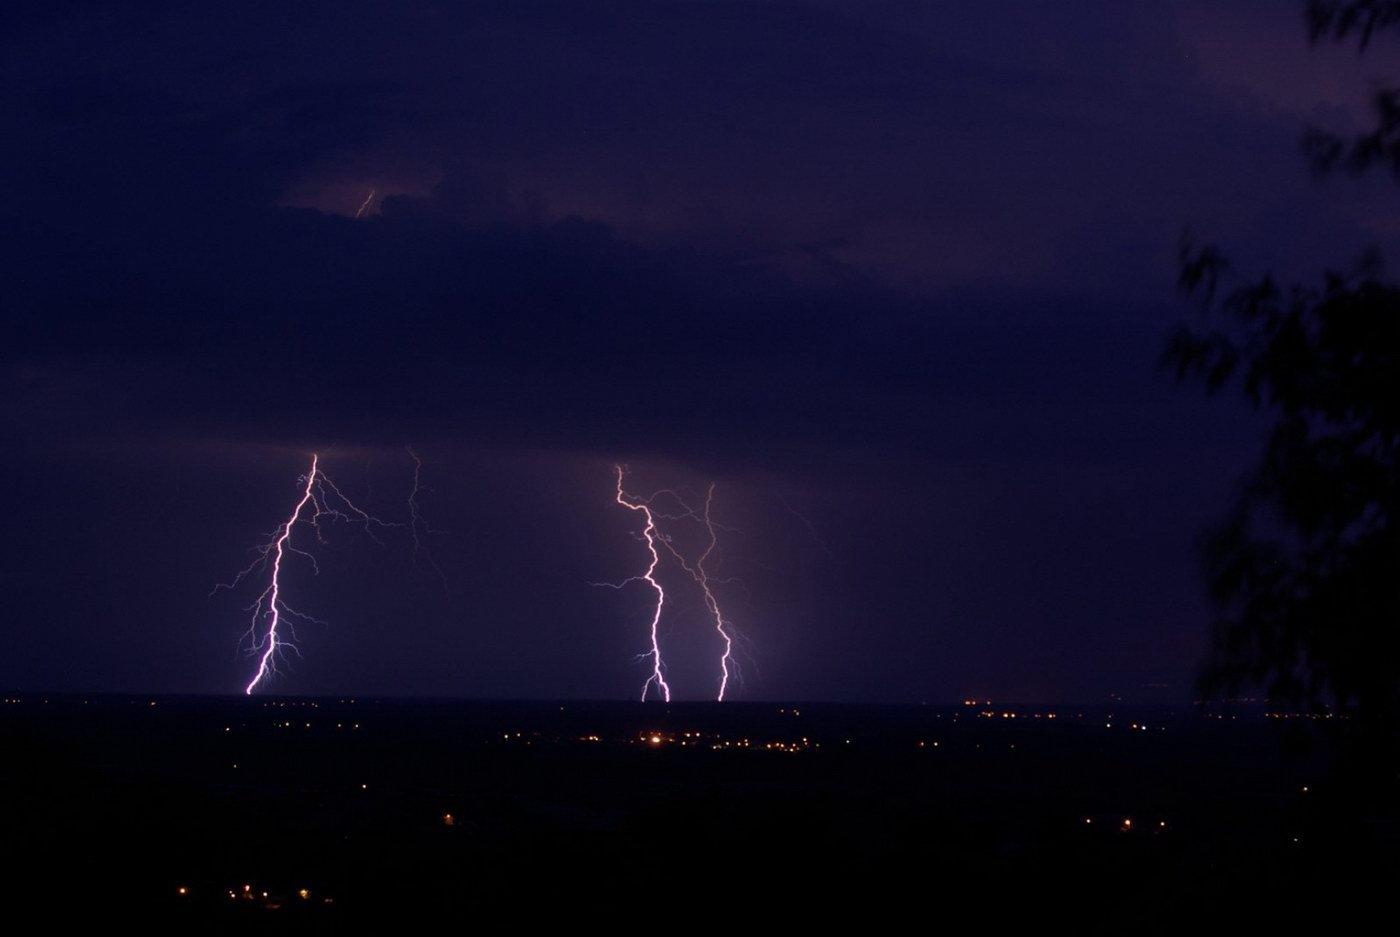 Evropu zasáhne extrémní a smrtící počasí, děsí vědci svým varováním - anotační foto